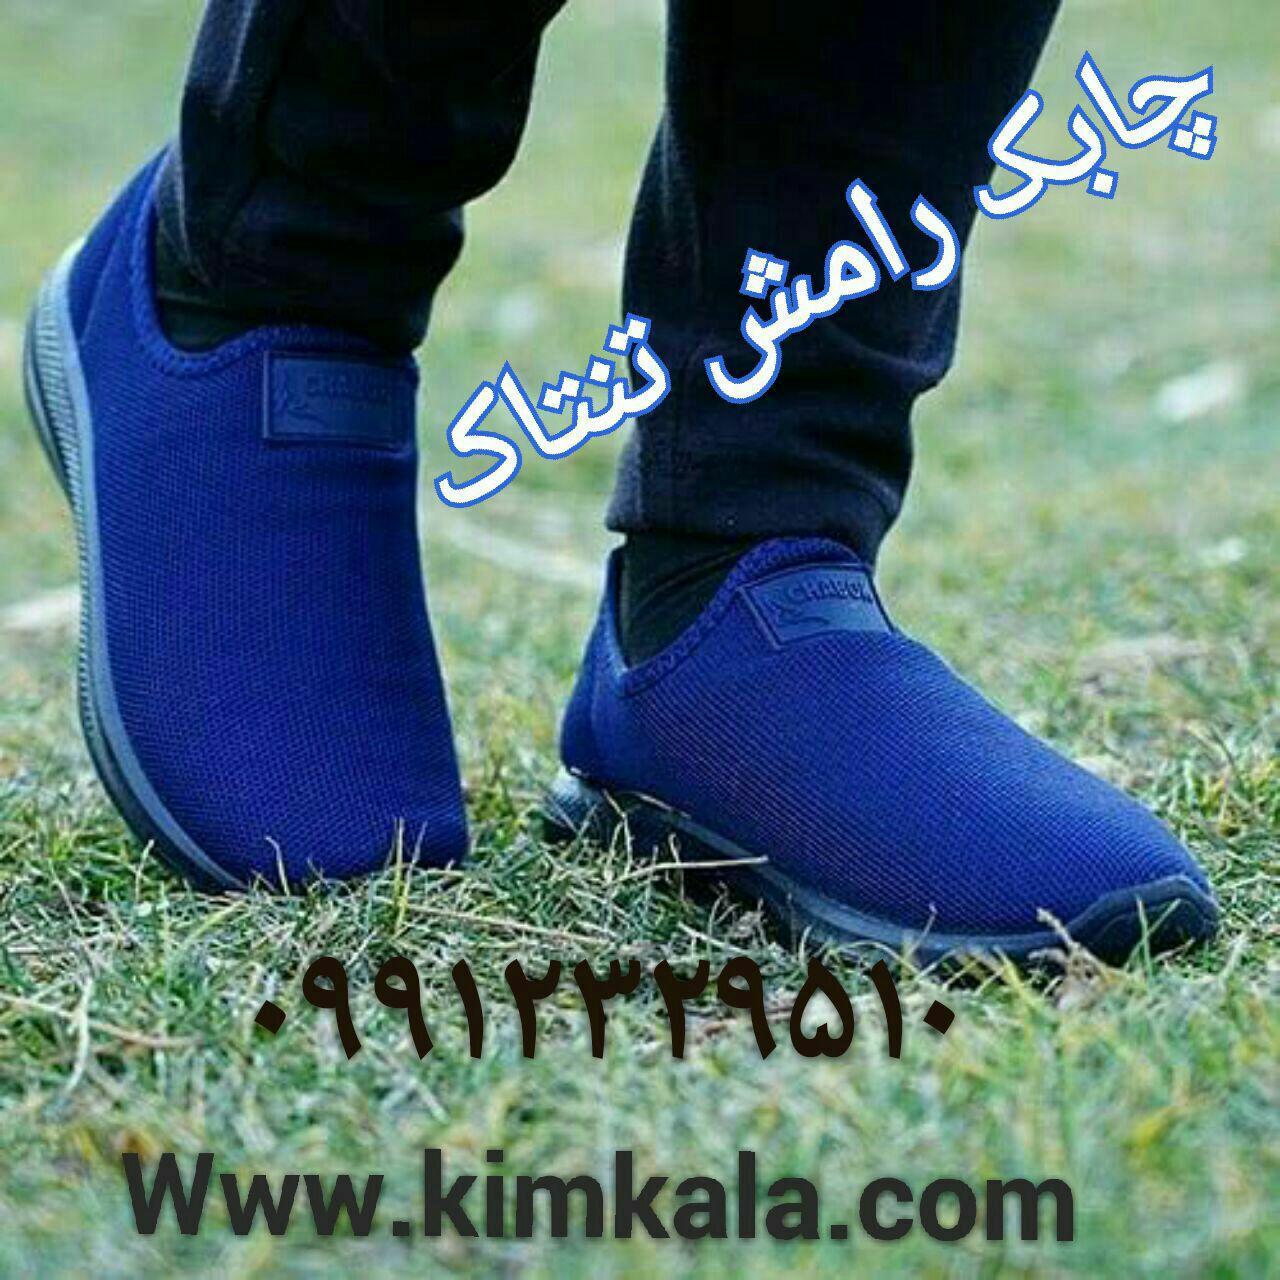 کفش چابک رامش 09912329510 کفش پیاده روی